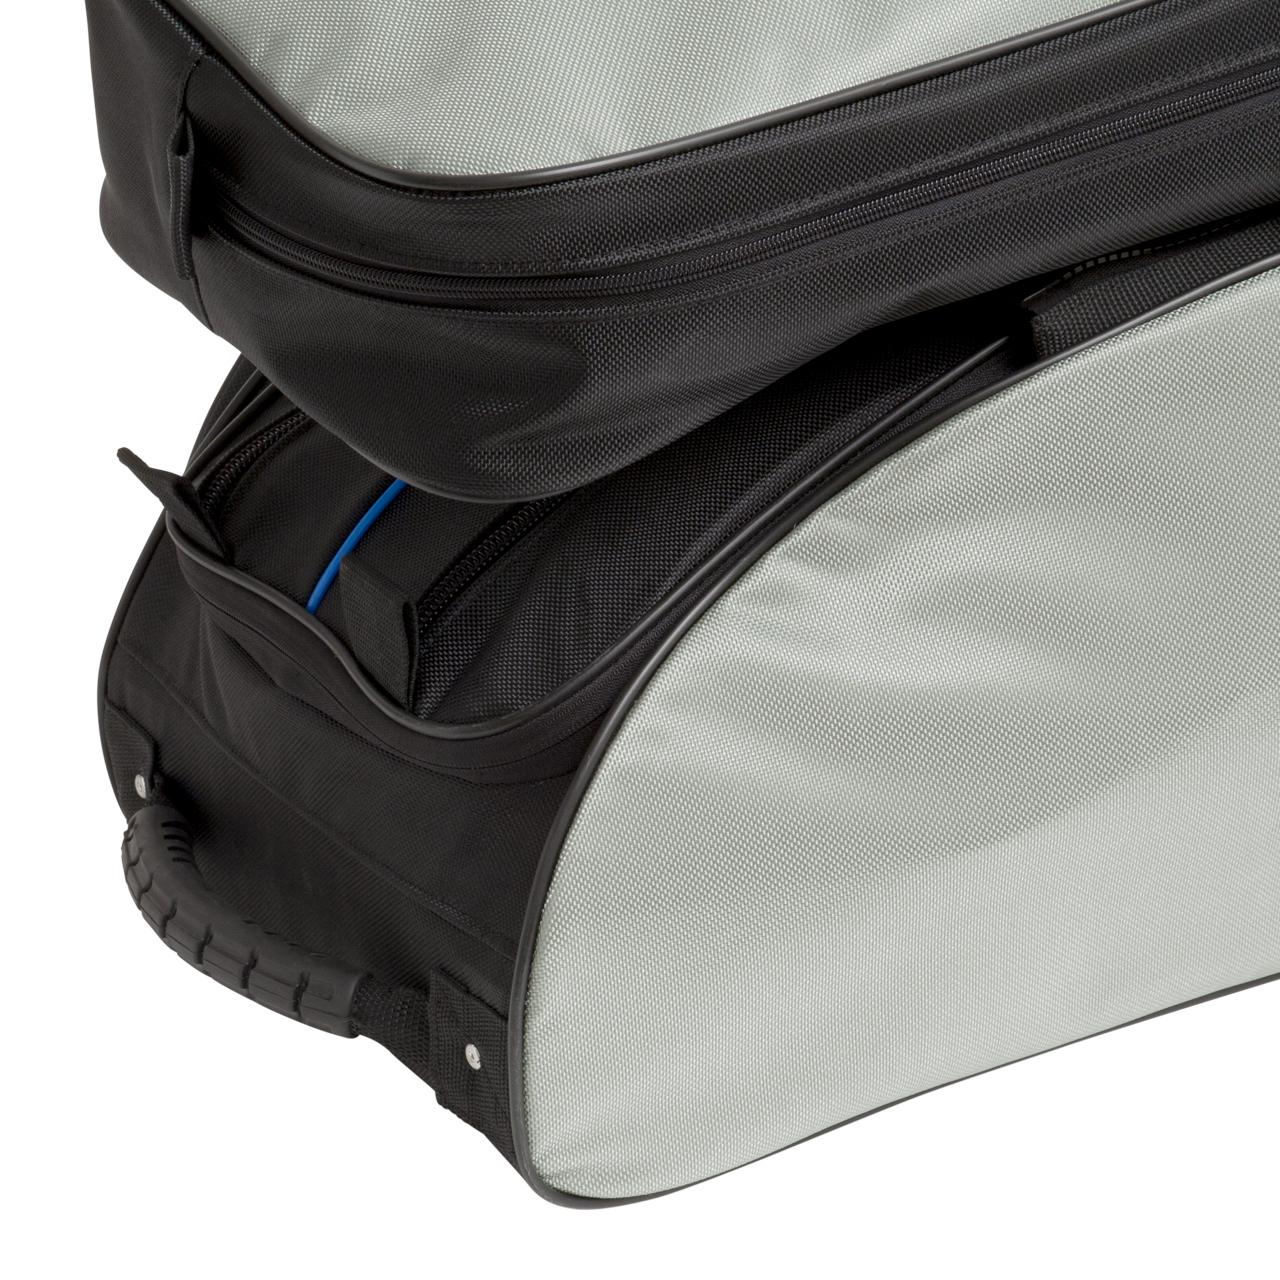 """Rollbag """"Jumbo Spezial"""", 2 Hauptfächer, 3 Vordertaschen, 1 Aufsatztasche"""